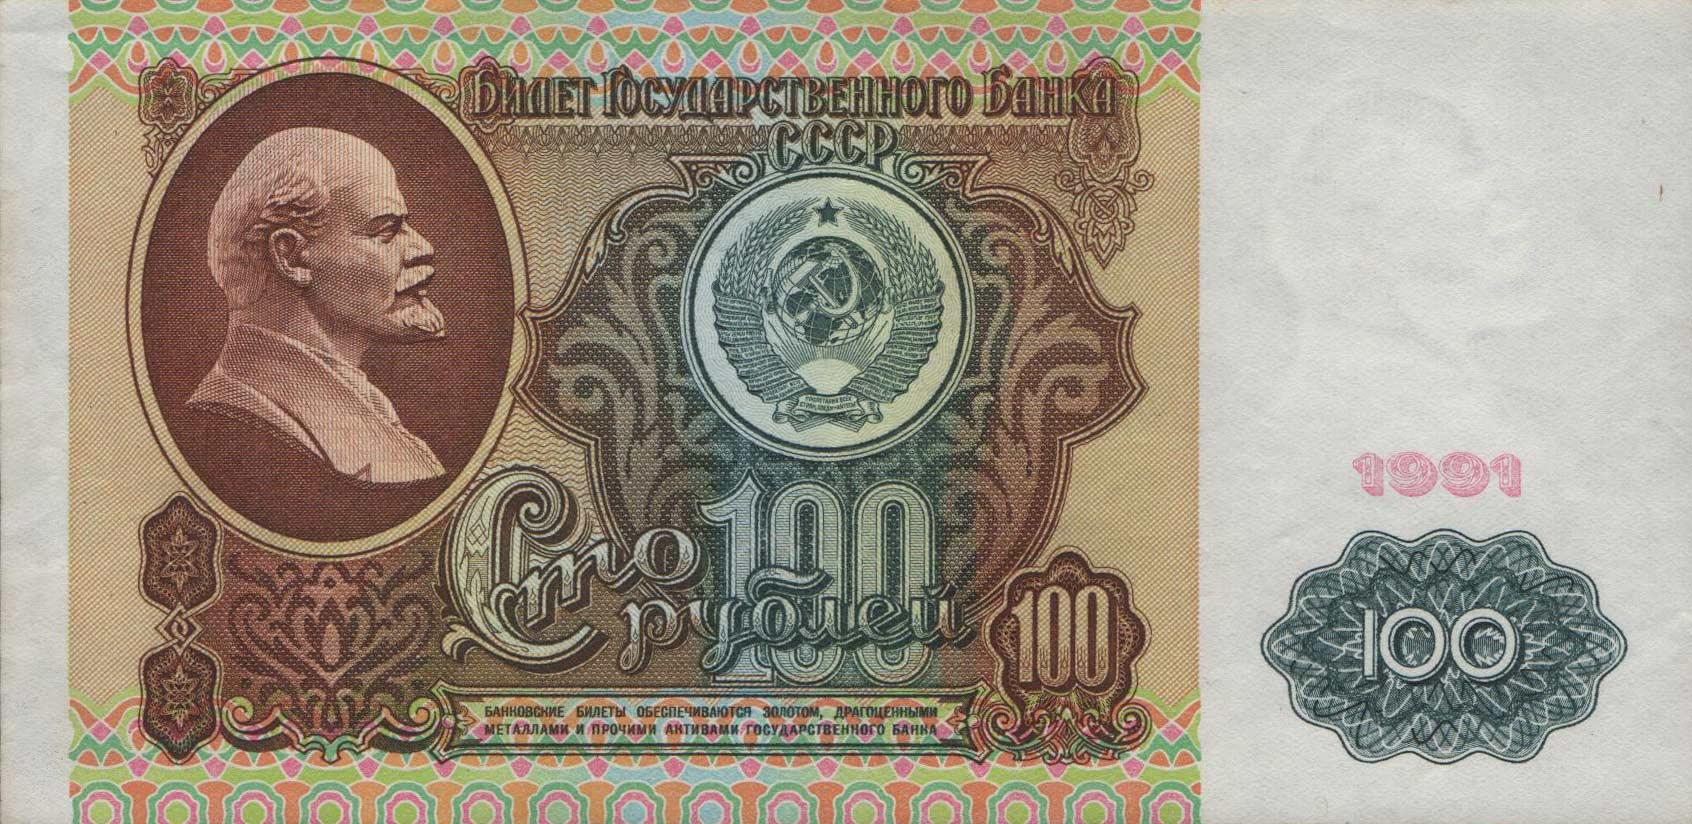 Сколько стоят бумажные деньги СССР 1961-1991 в 2016 году